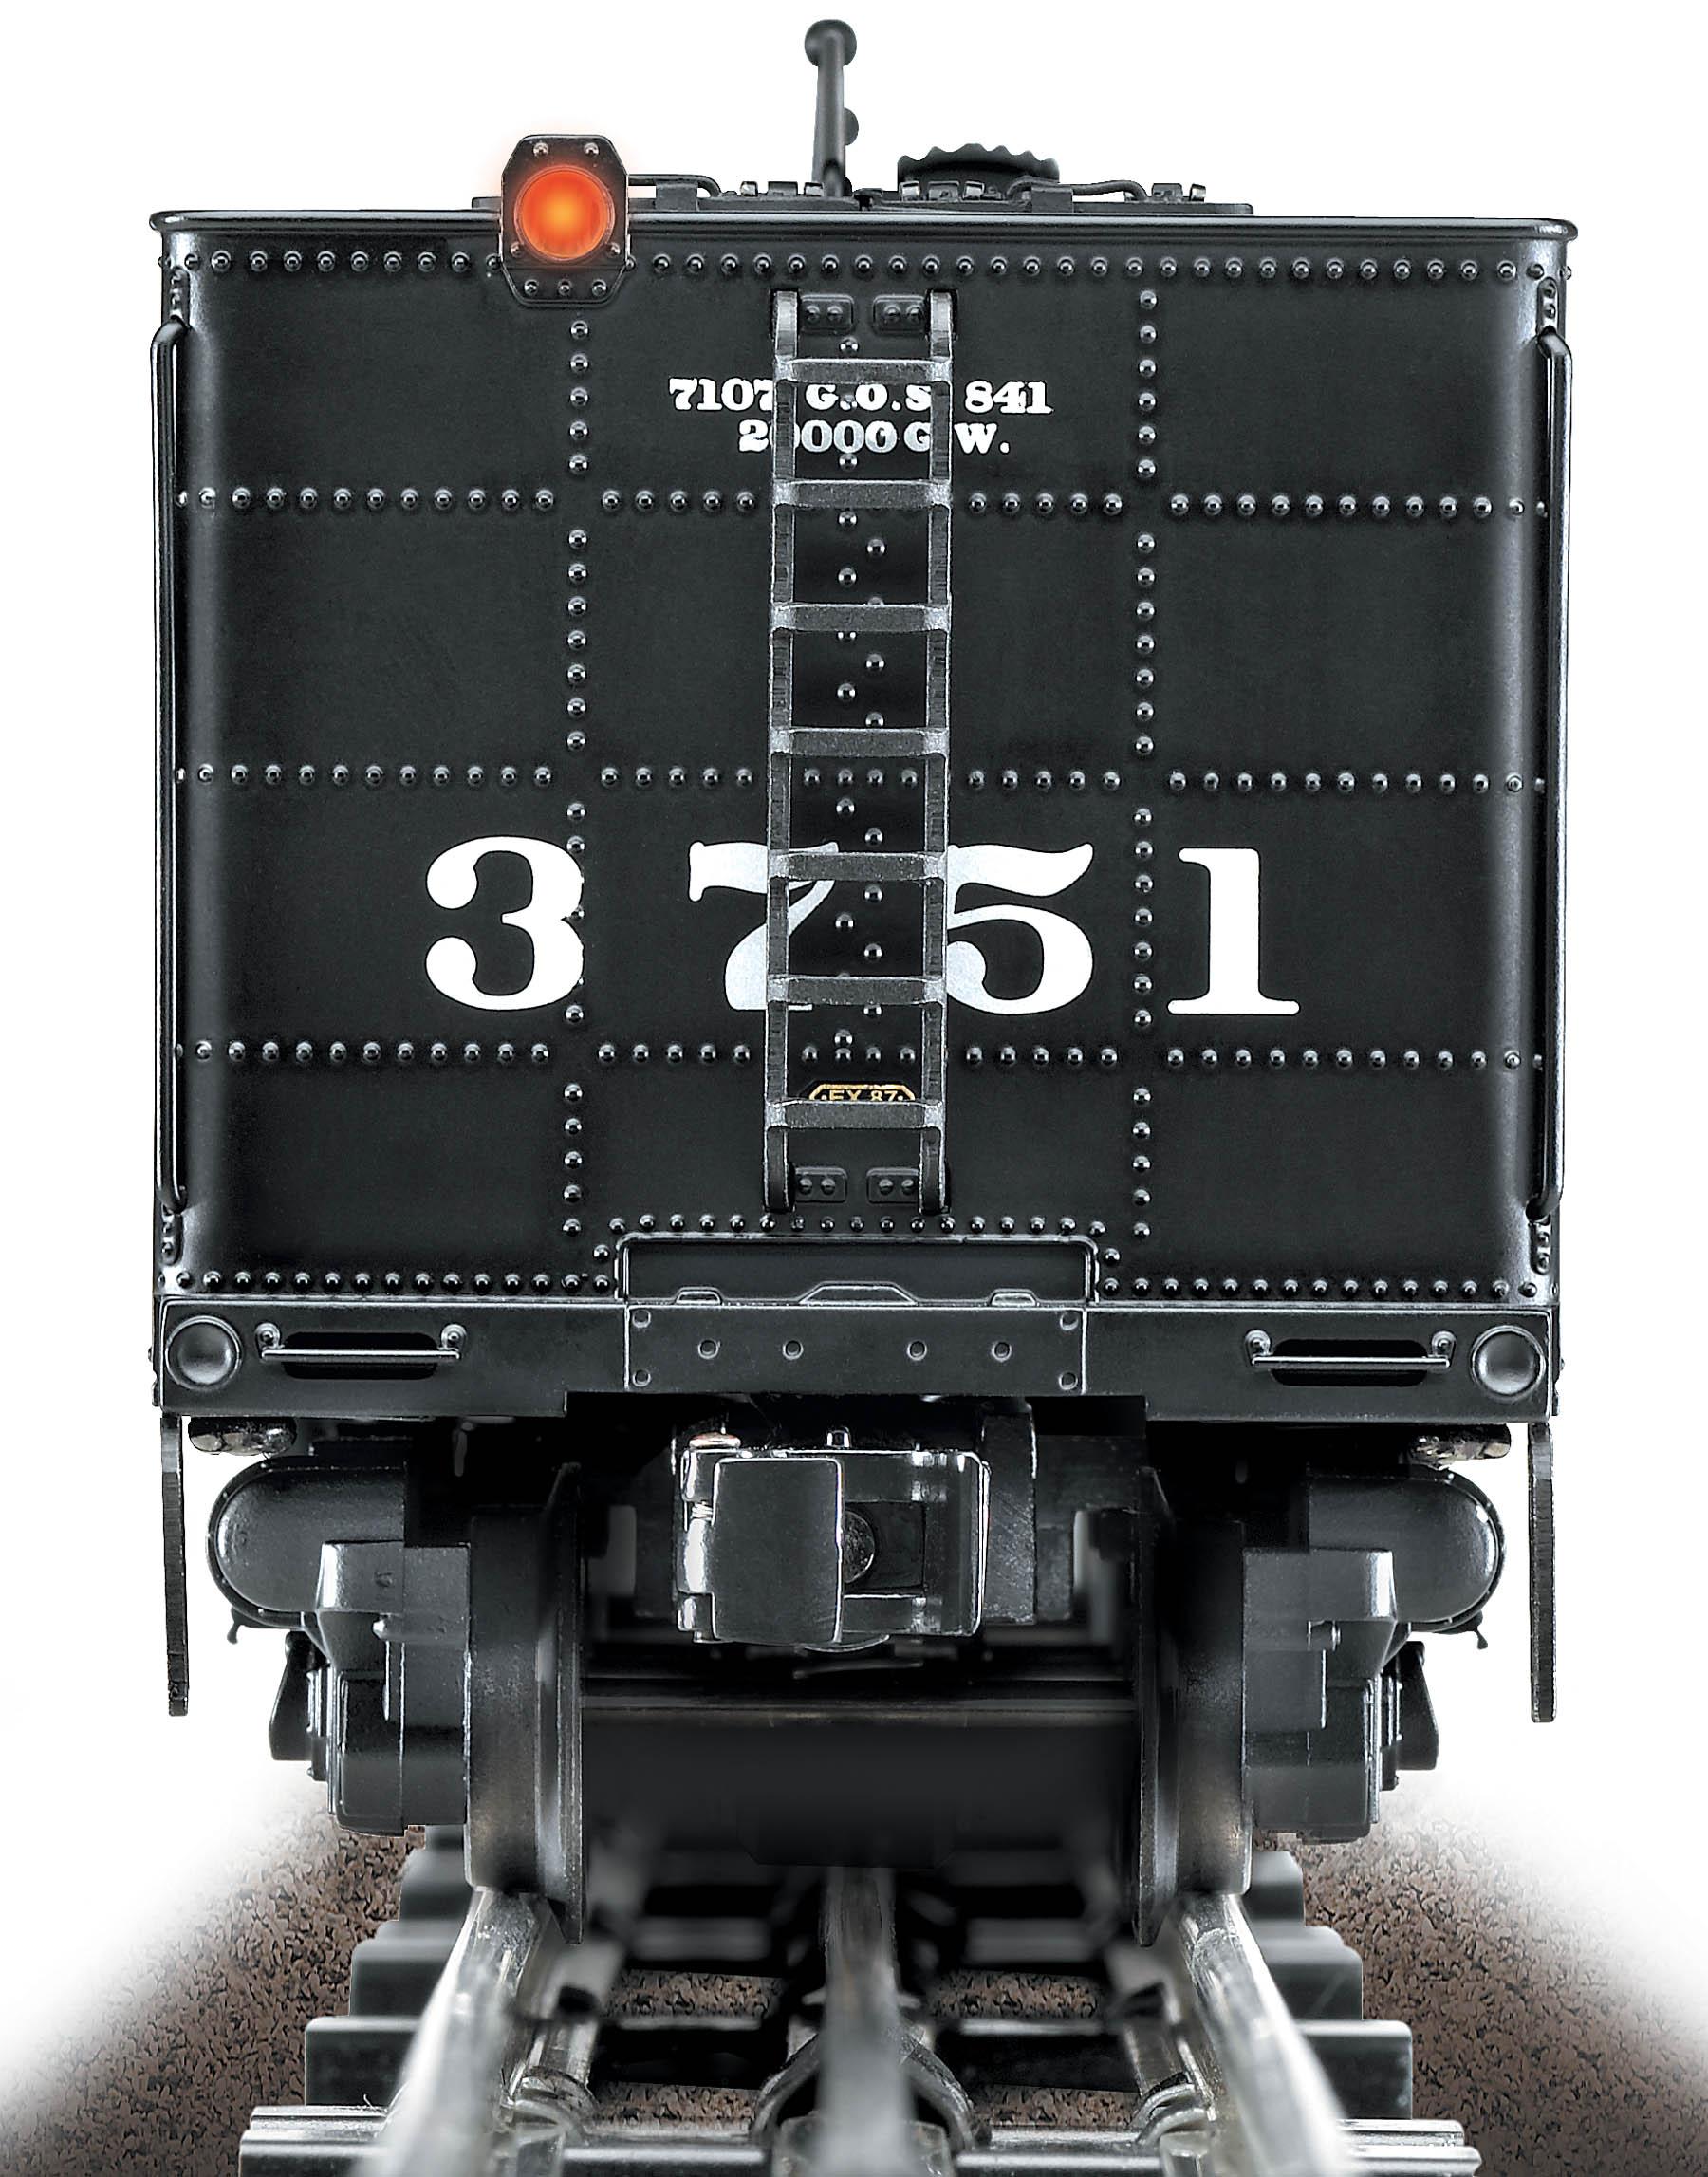 WRG-0912] Lionel 2046w Wiring Diagram on